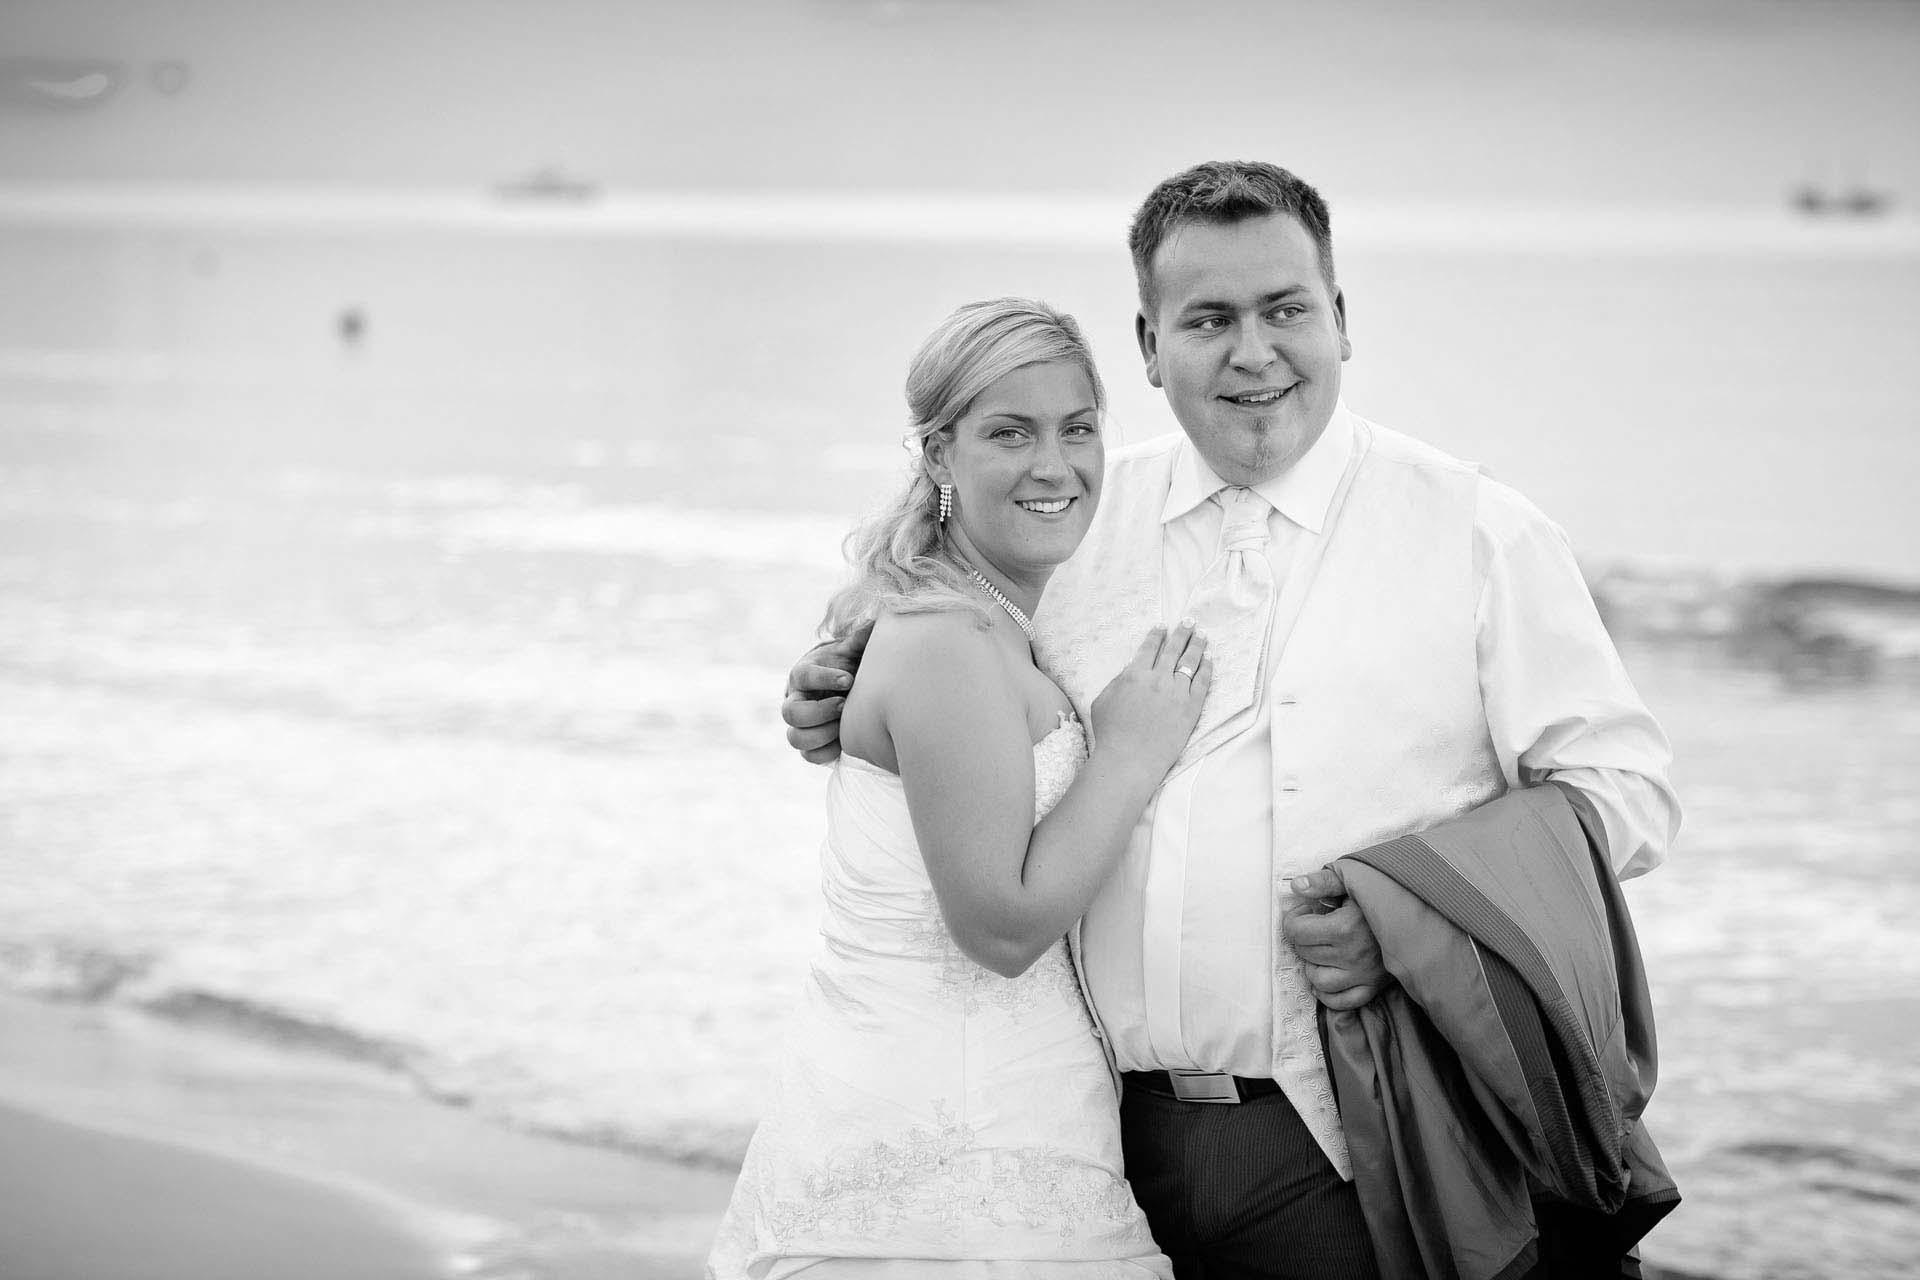 Czarno-białe foto Pany Młodej na piaszczystej plaży z fotograficznej sesji ślubnej.